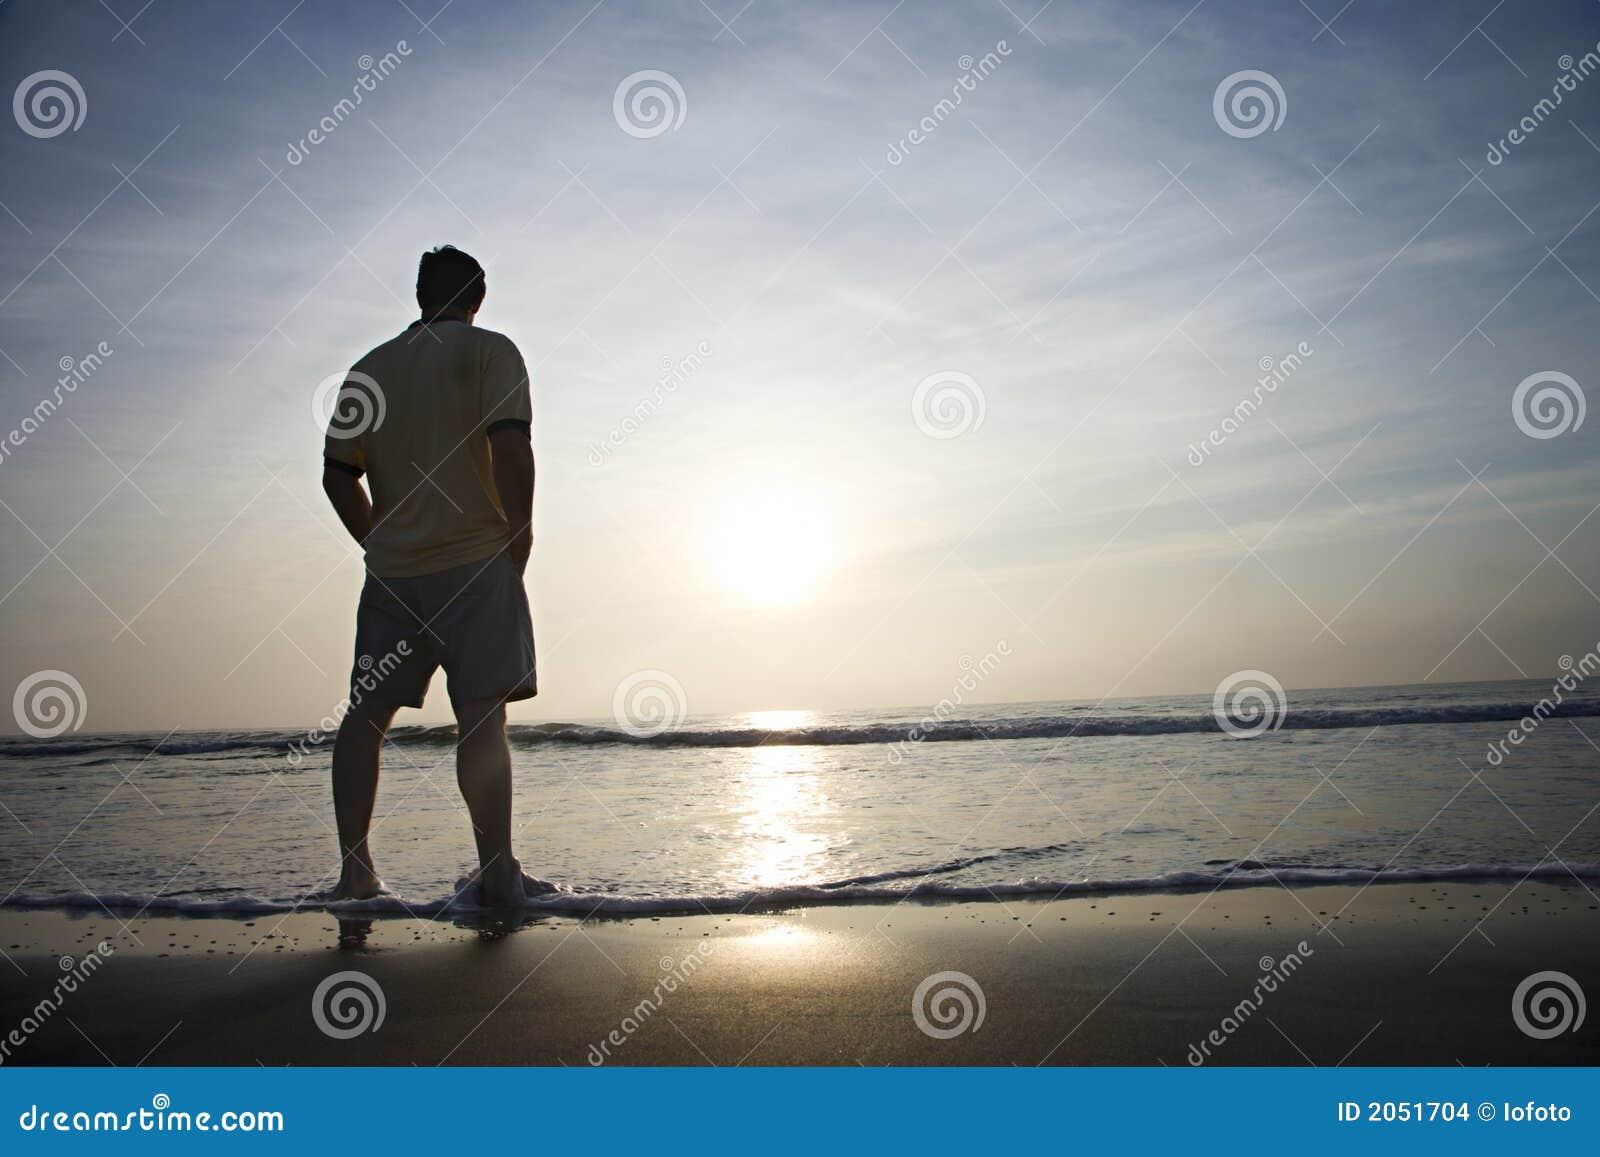 mann alleine auf strand stockfoto bild von schattenbild 2051704. Black Bedroom Furniture Sets. Home Design Ideas